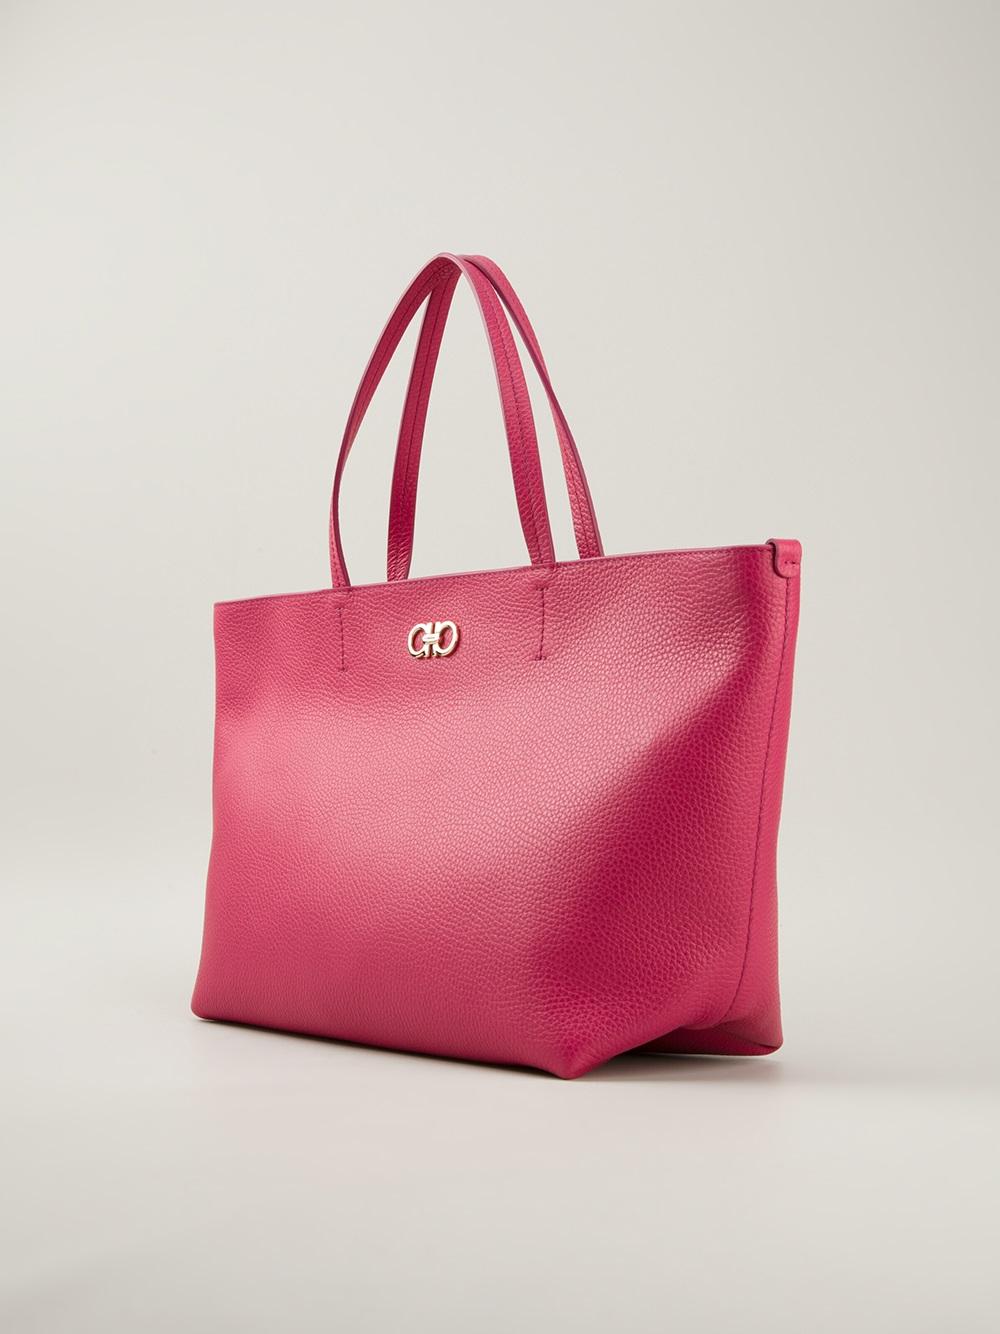 Lyst - Ferragamo Classic Shopper Tote in Pink 36aa8564fa7bb